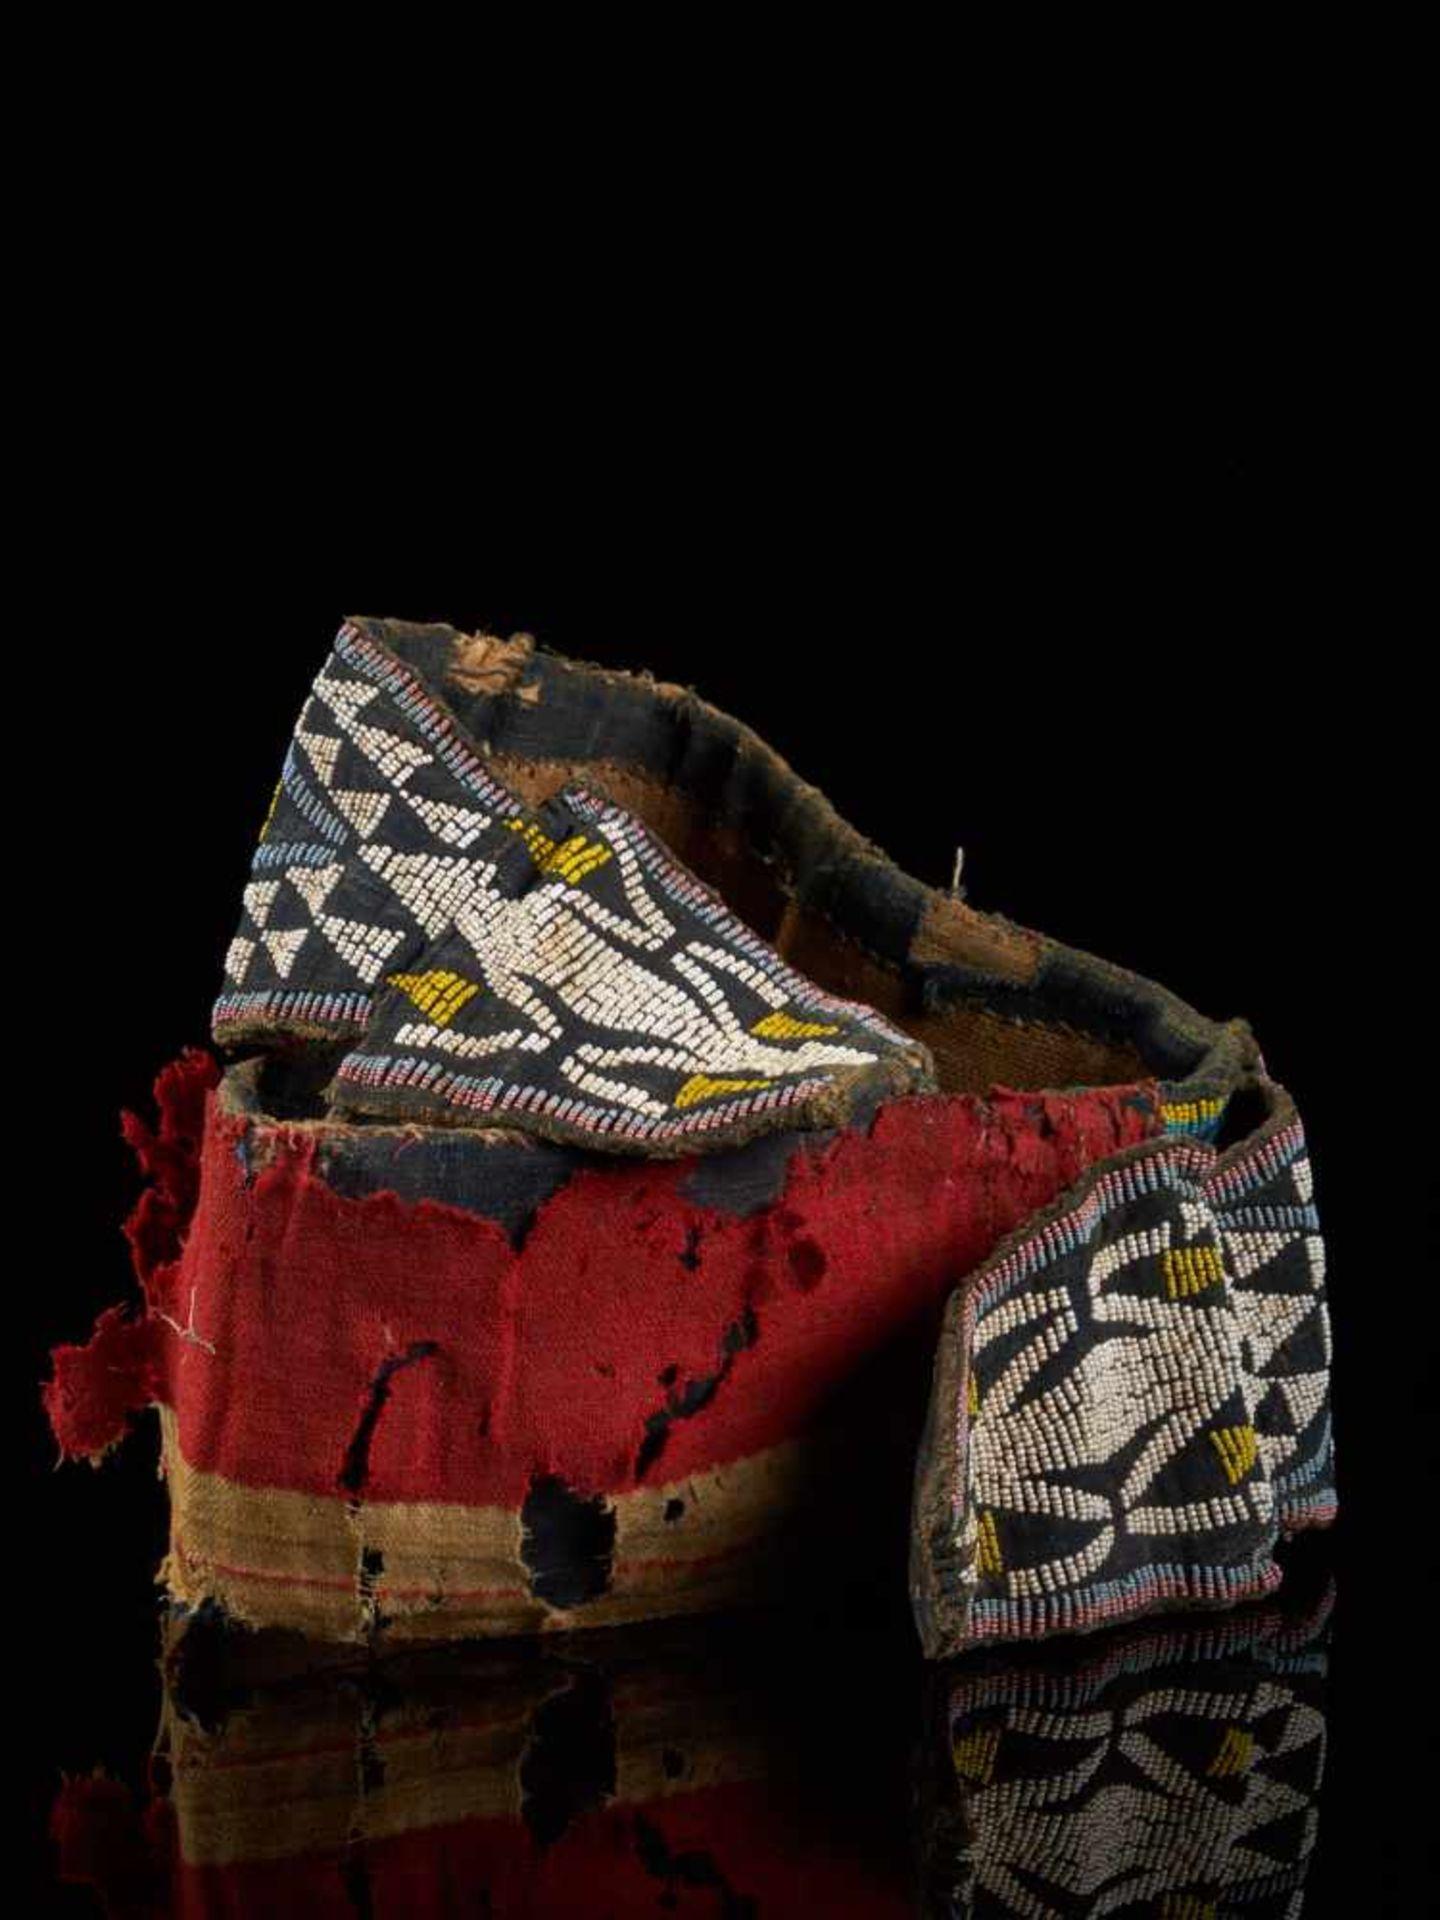 Beaded Double Headed Snake Belt - Tribal ArtThe double headed snake is the symbol of the Bamum - Bild 2 aus 6